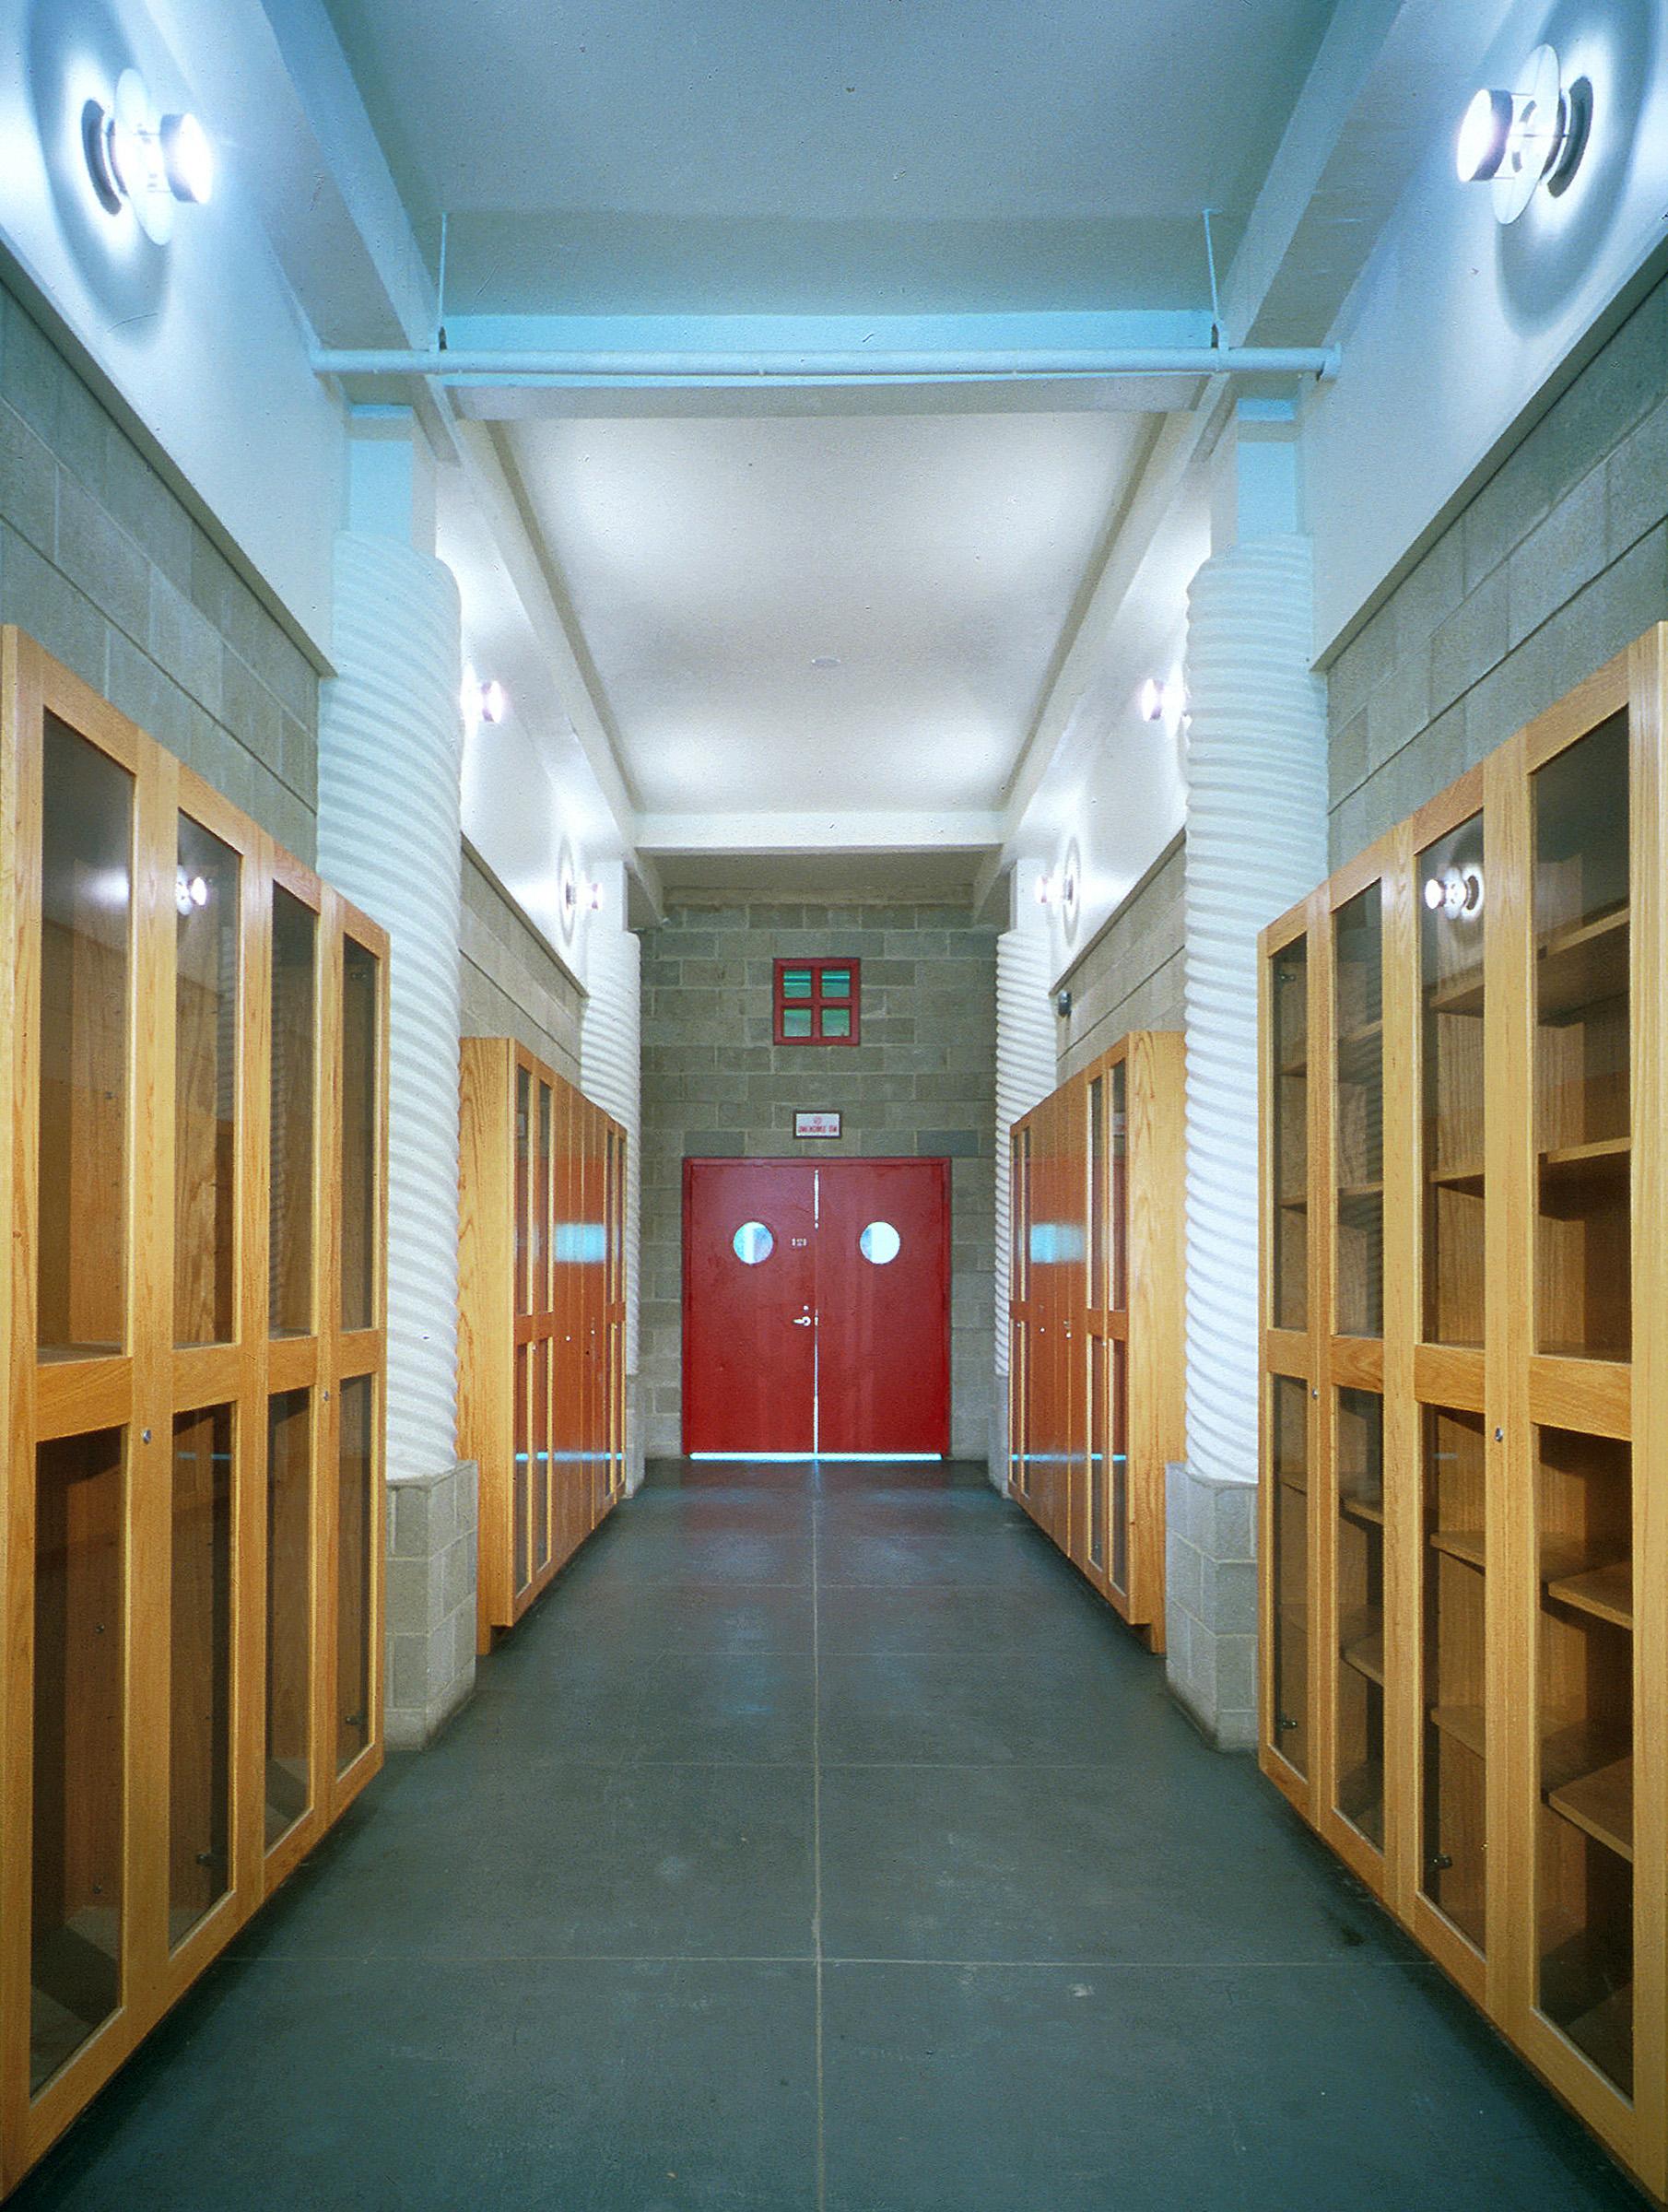 Com&Go - Interior - Hall with Glass Shelving.jpg